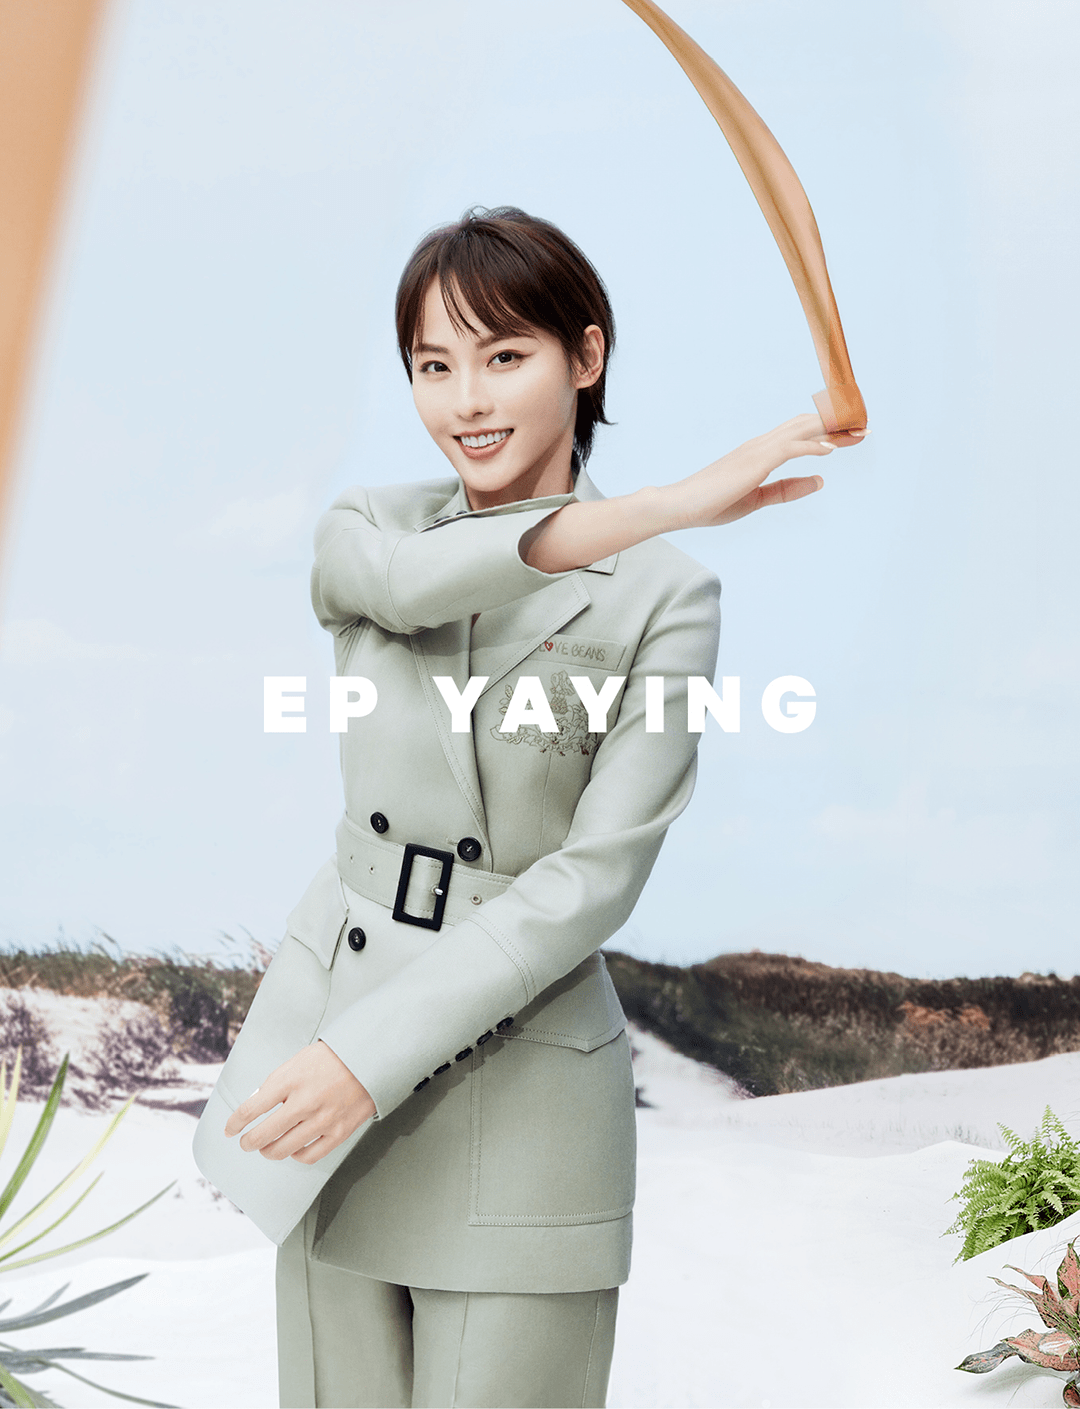 YAYING雅莹 | 2021春夏大片发布:美力,由爱发生